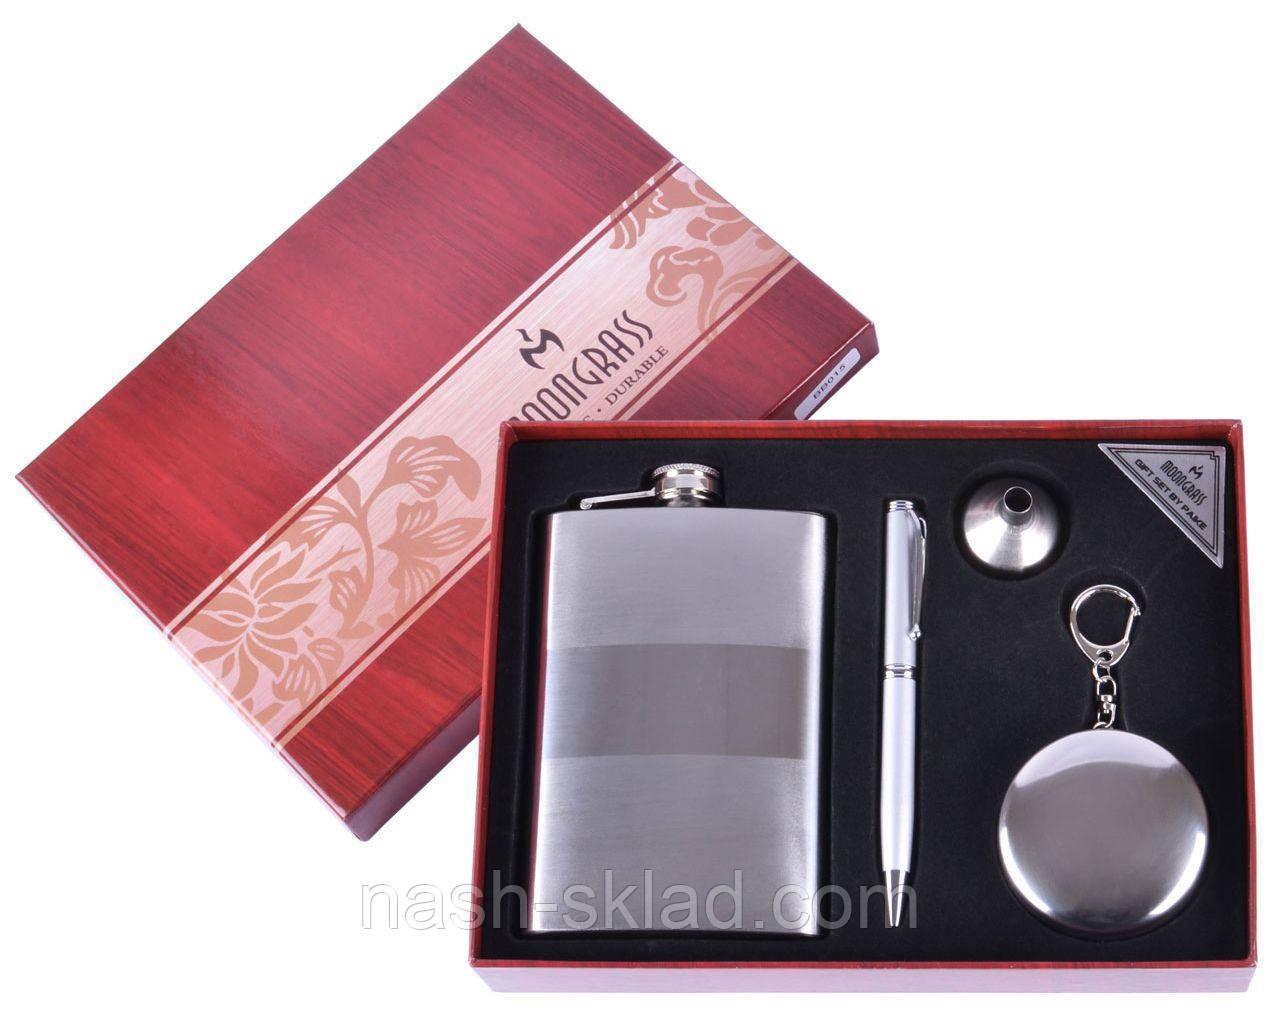 Подарочный набор Серебряная фляга + Ручка